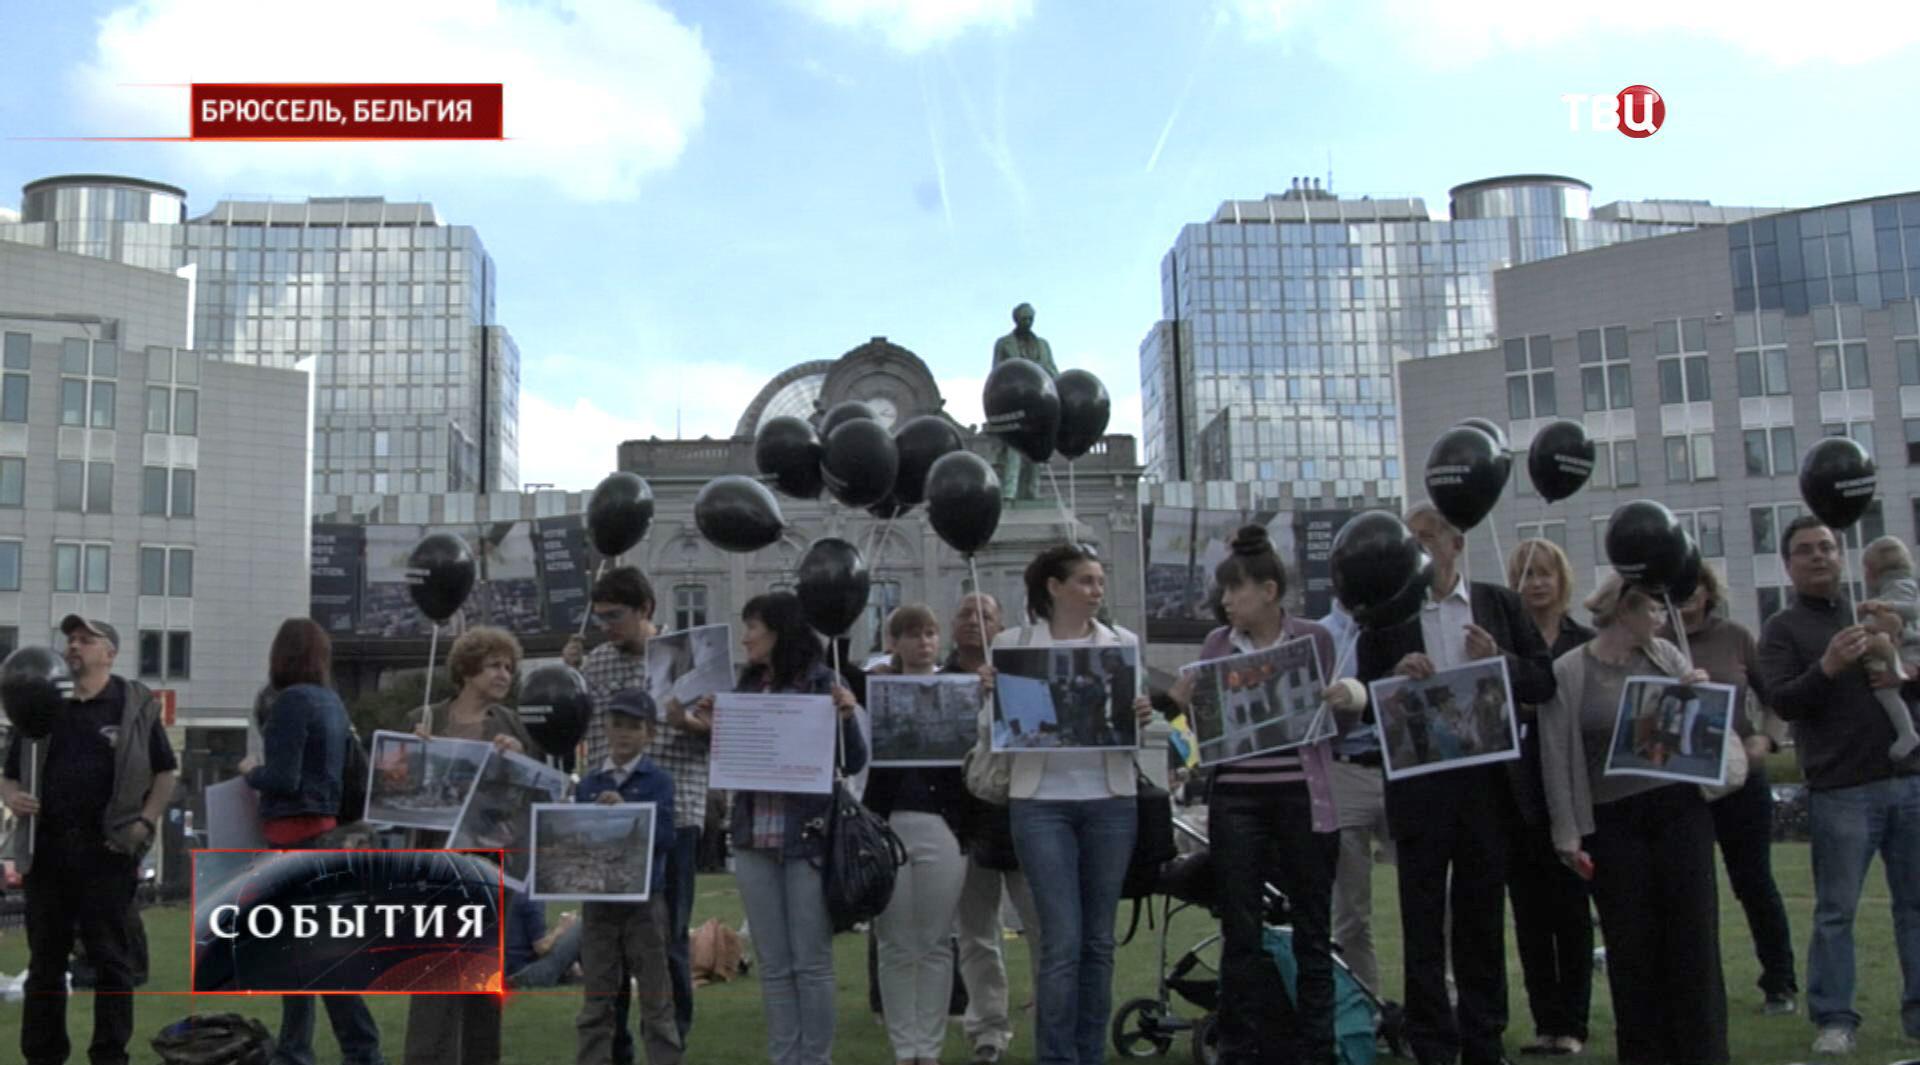 Митинг памяти жертв трагедии в Одессе в Брюсселе